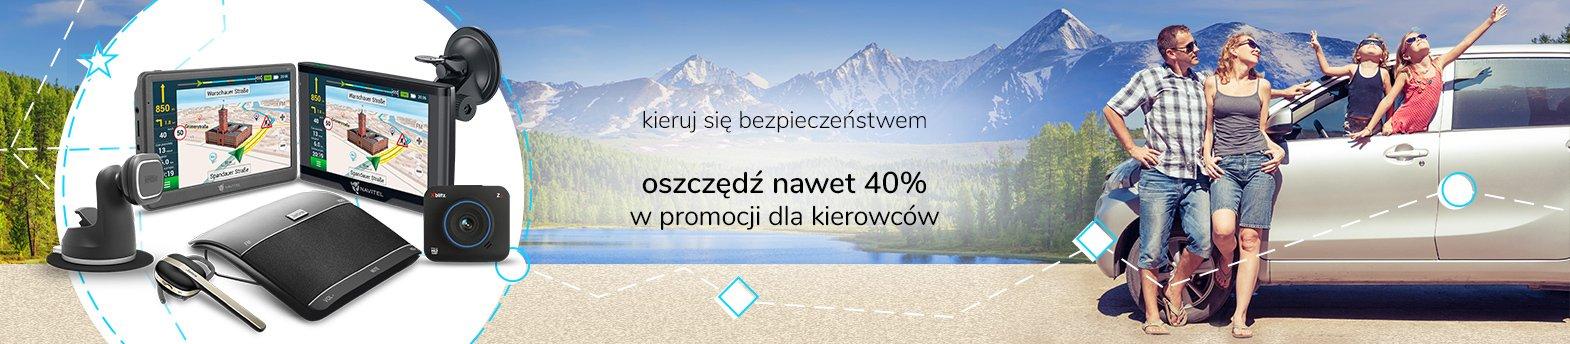 promocja x-kom akcesoria dla kierowców